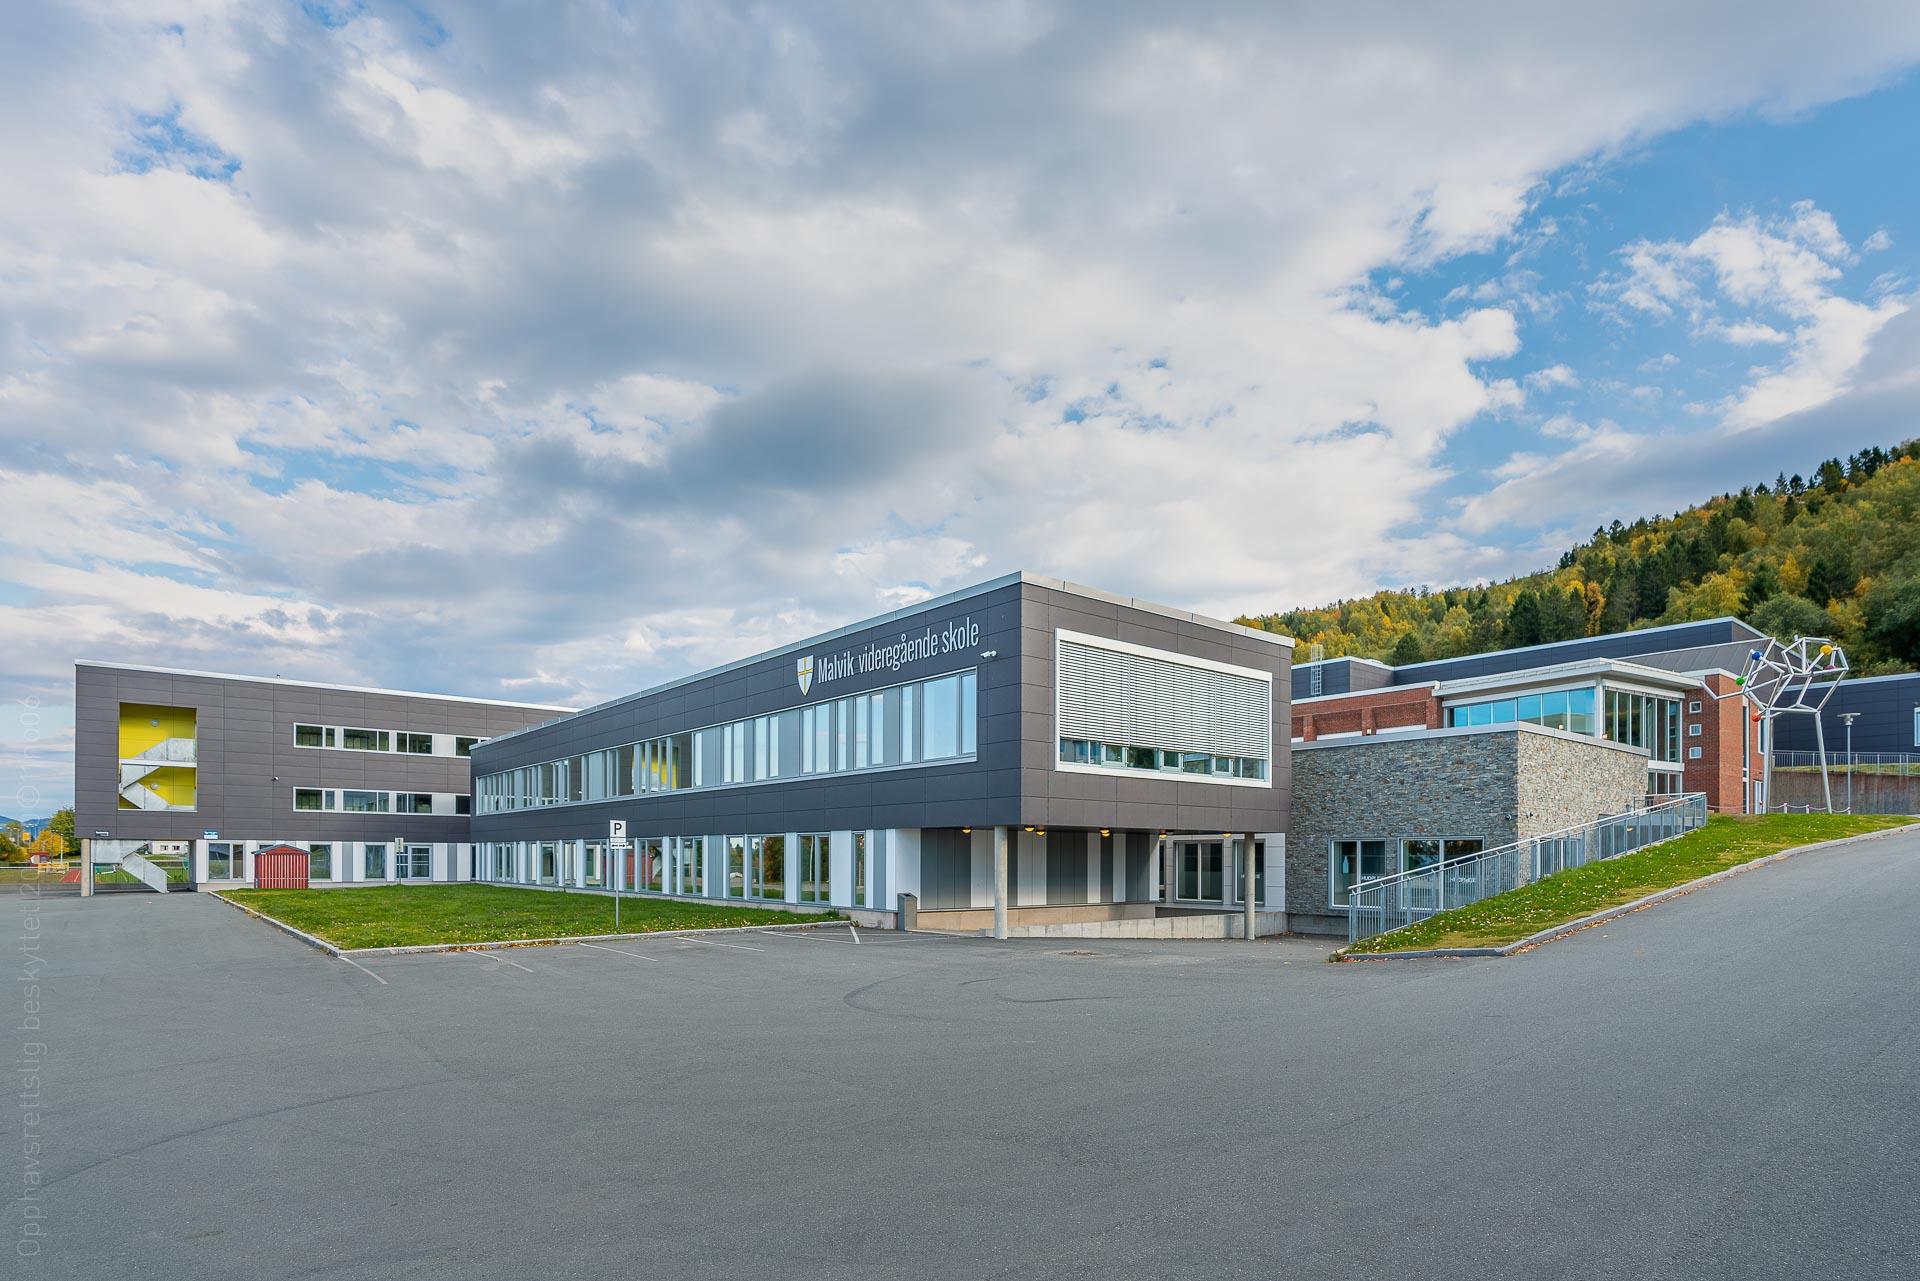 Malvik videregående skole, Trøndelag